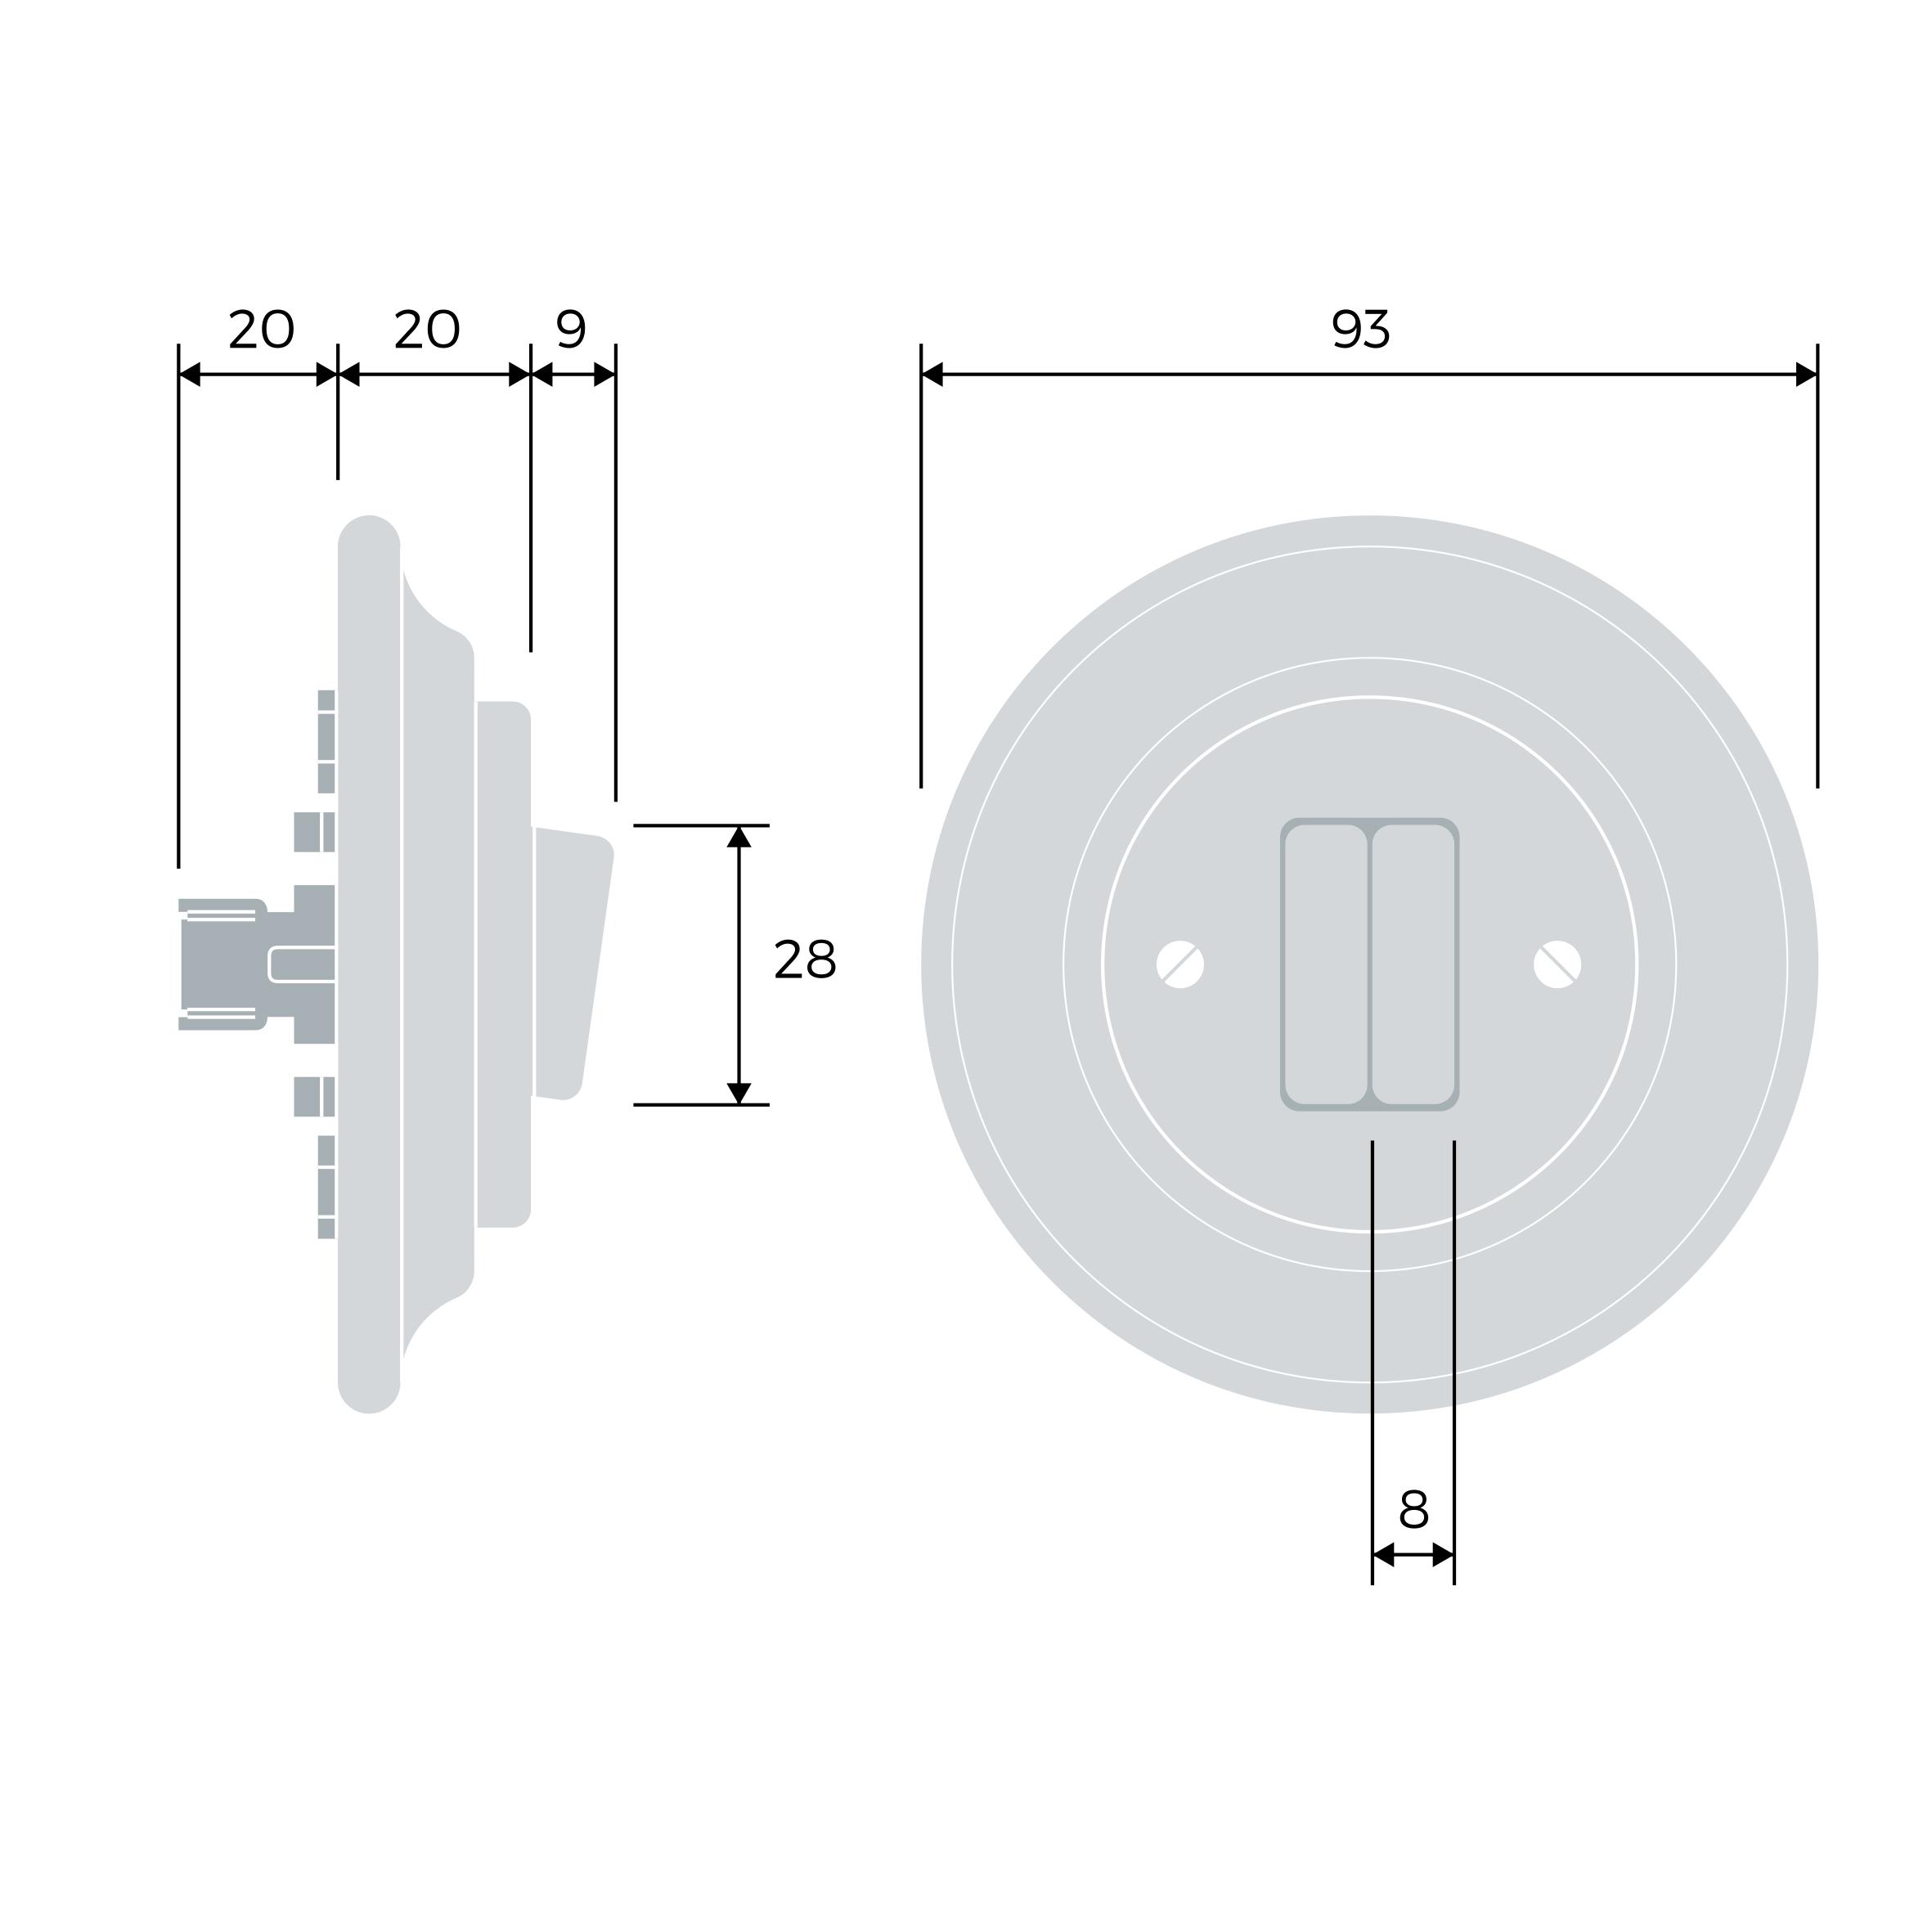 Roo Porzellan Lichtschalter - 2 Tasten - AURUM | Katy Paty